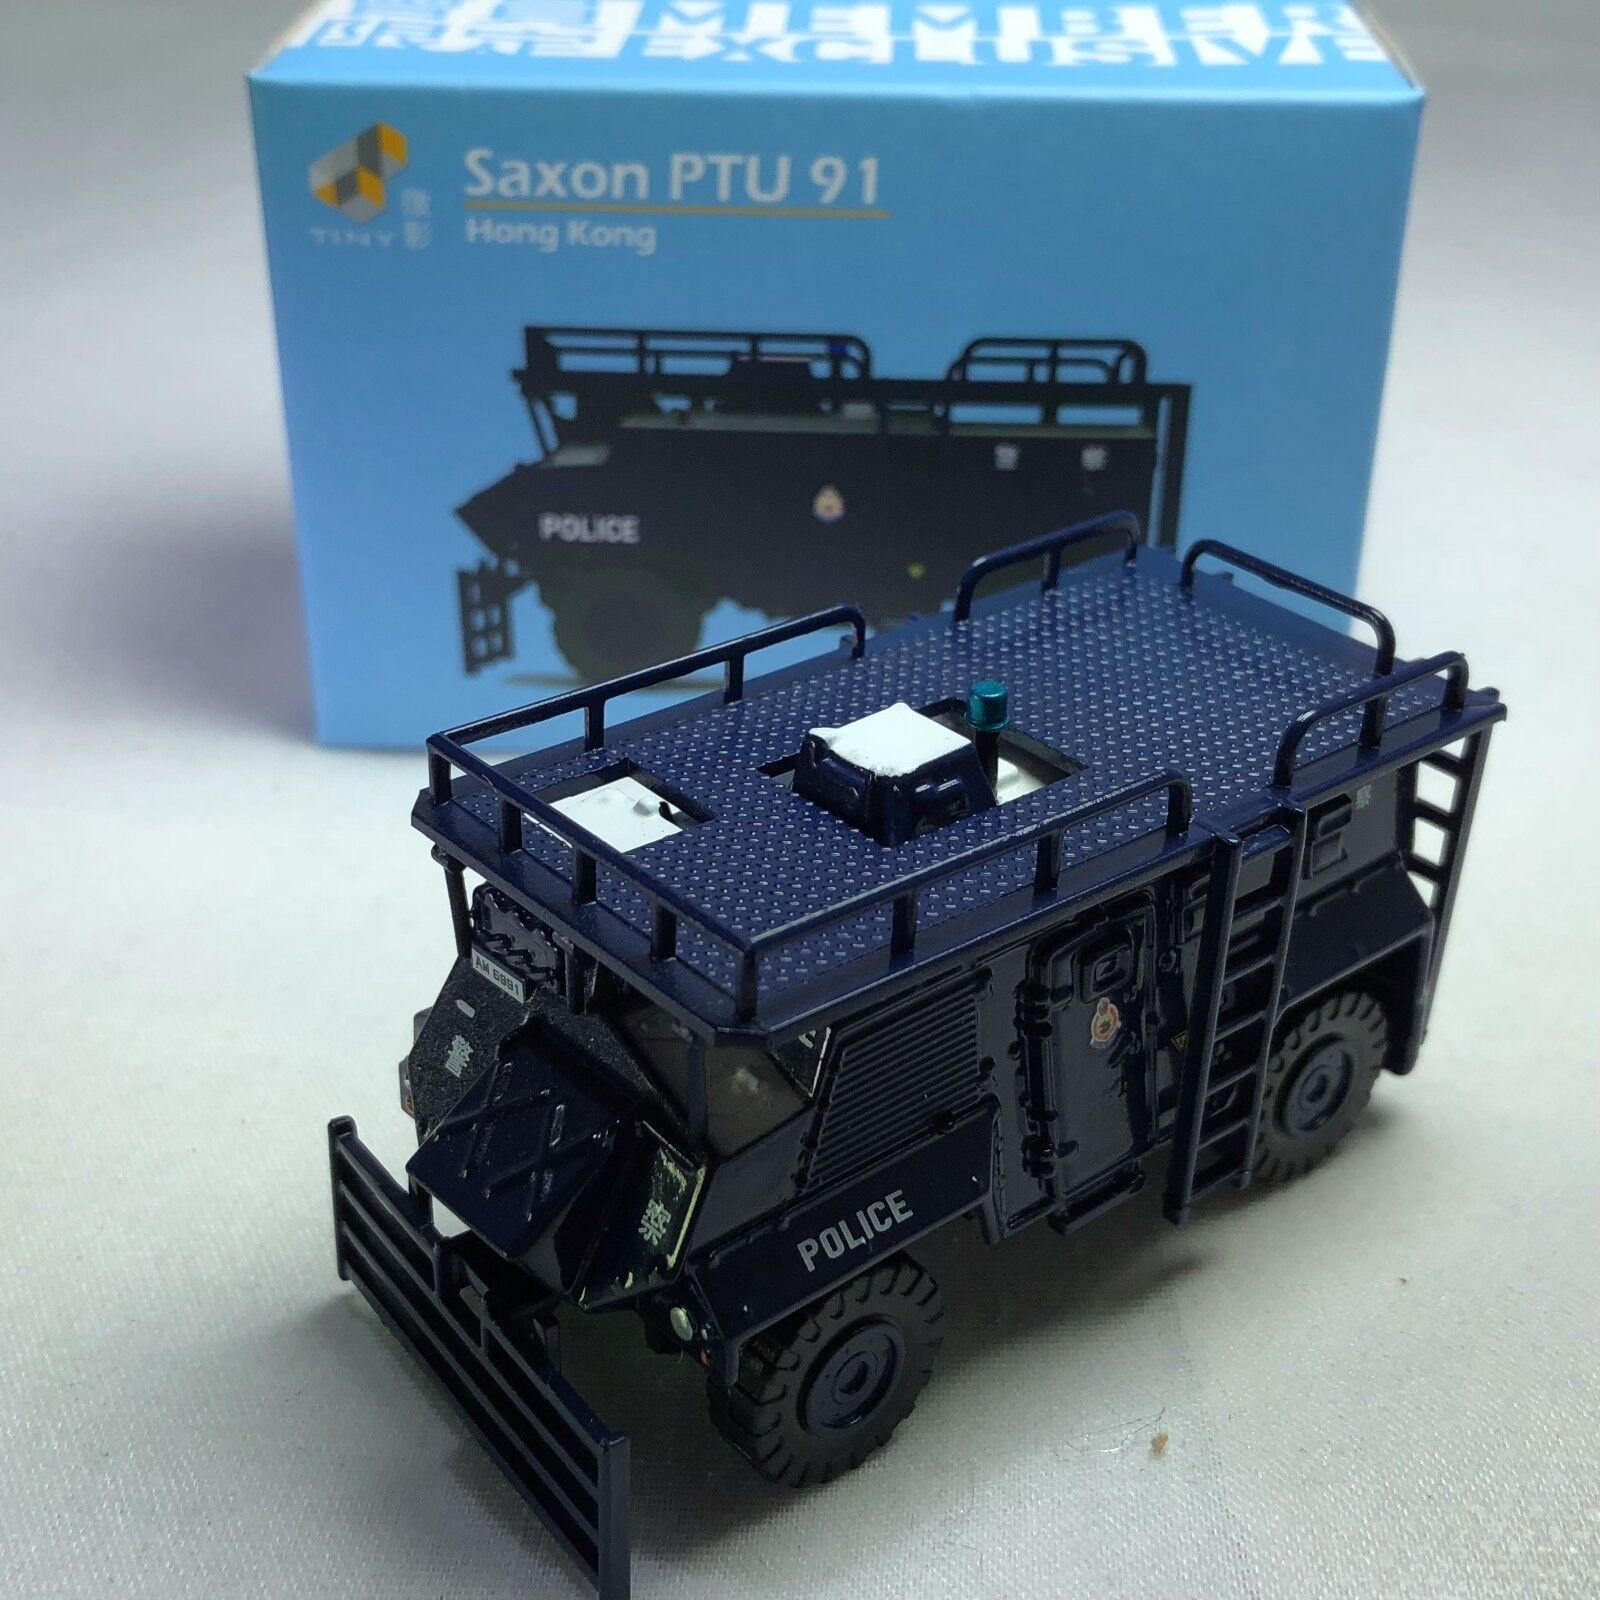 1 72 pequeños Coche-Die-cast Modelo de Coche-Saxon PTU 91 exclusivo de miembros de Hong Kong